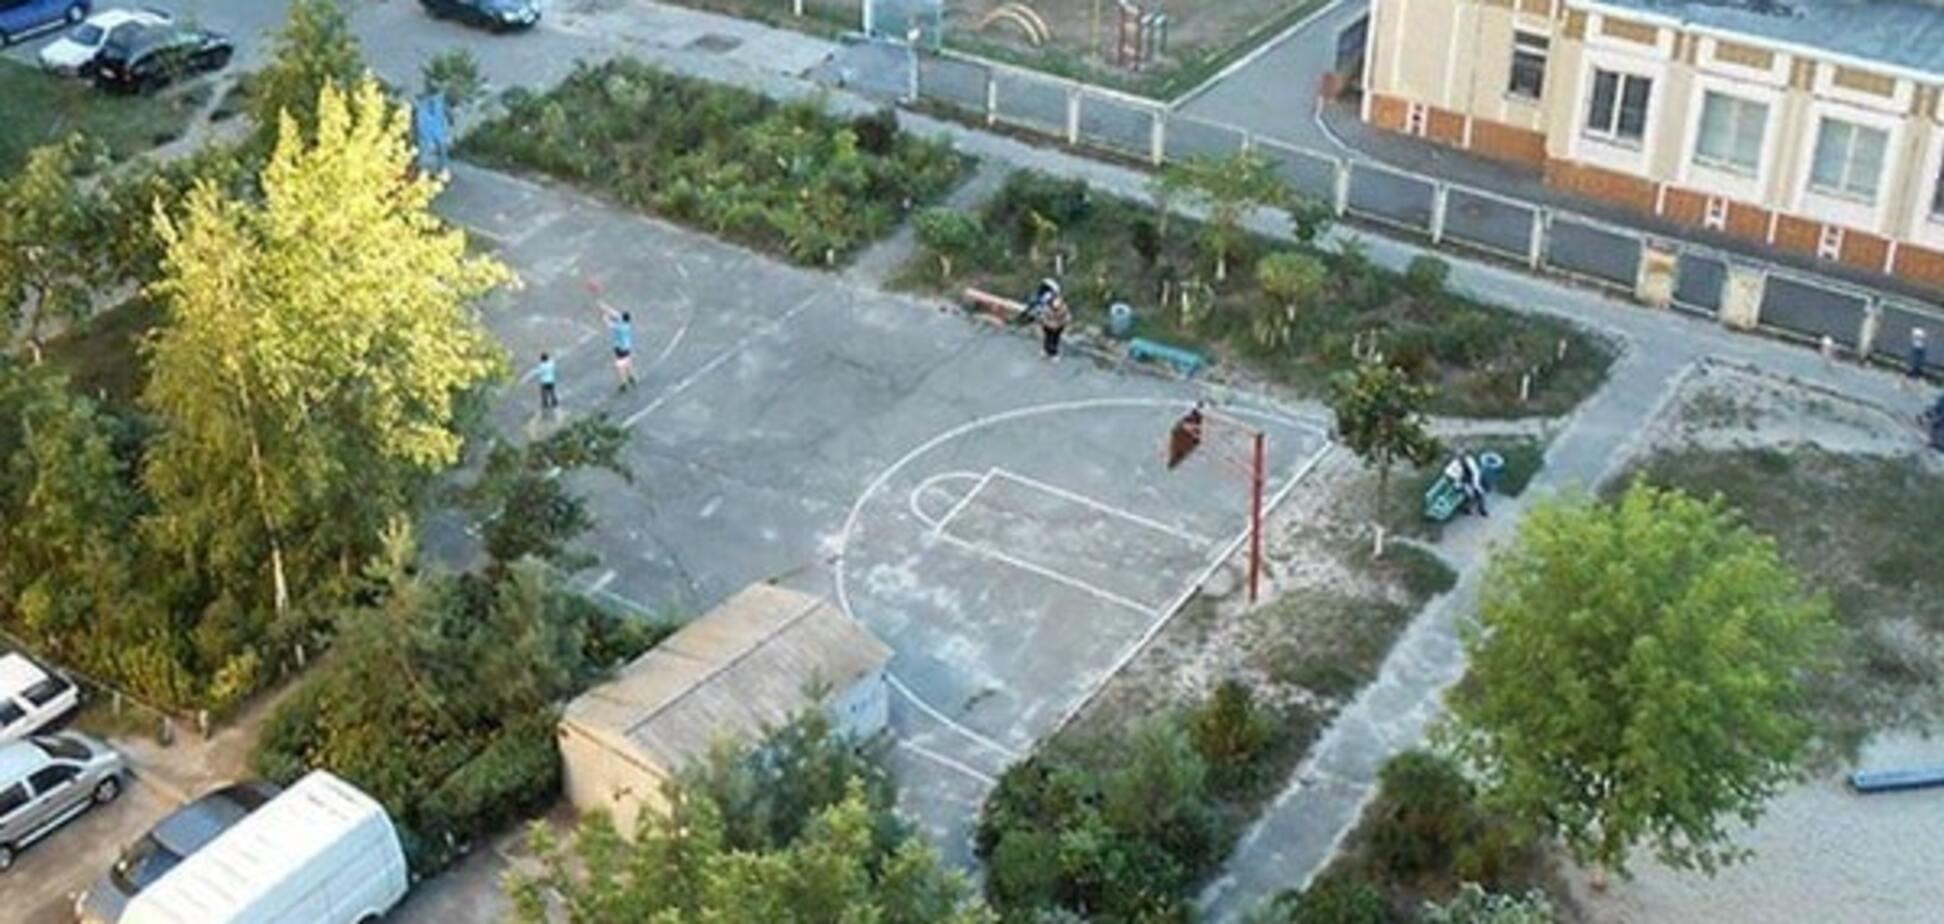 Спорт замість наркотиків: волонтери облаштують сучасний майданчик на столичній Троєщині